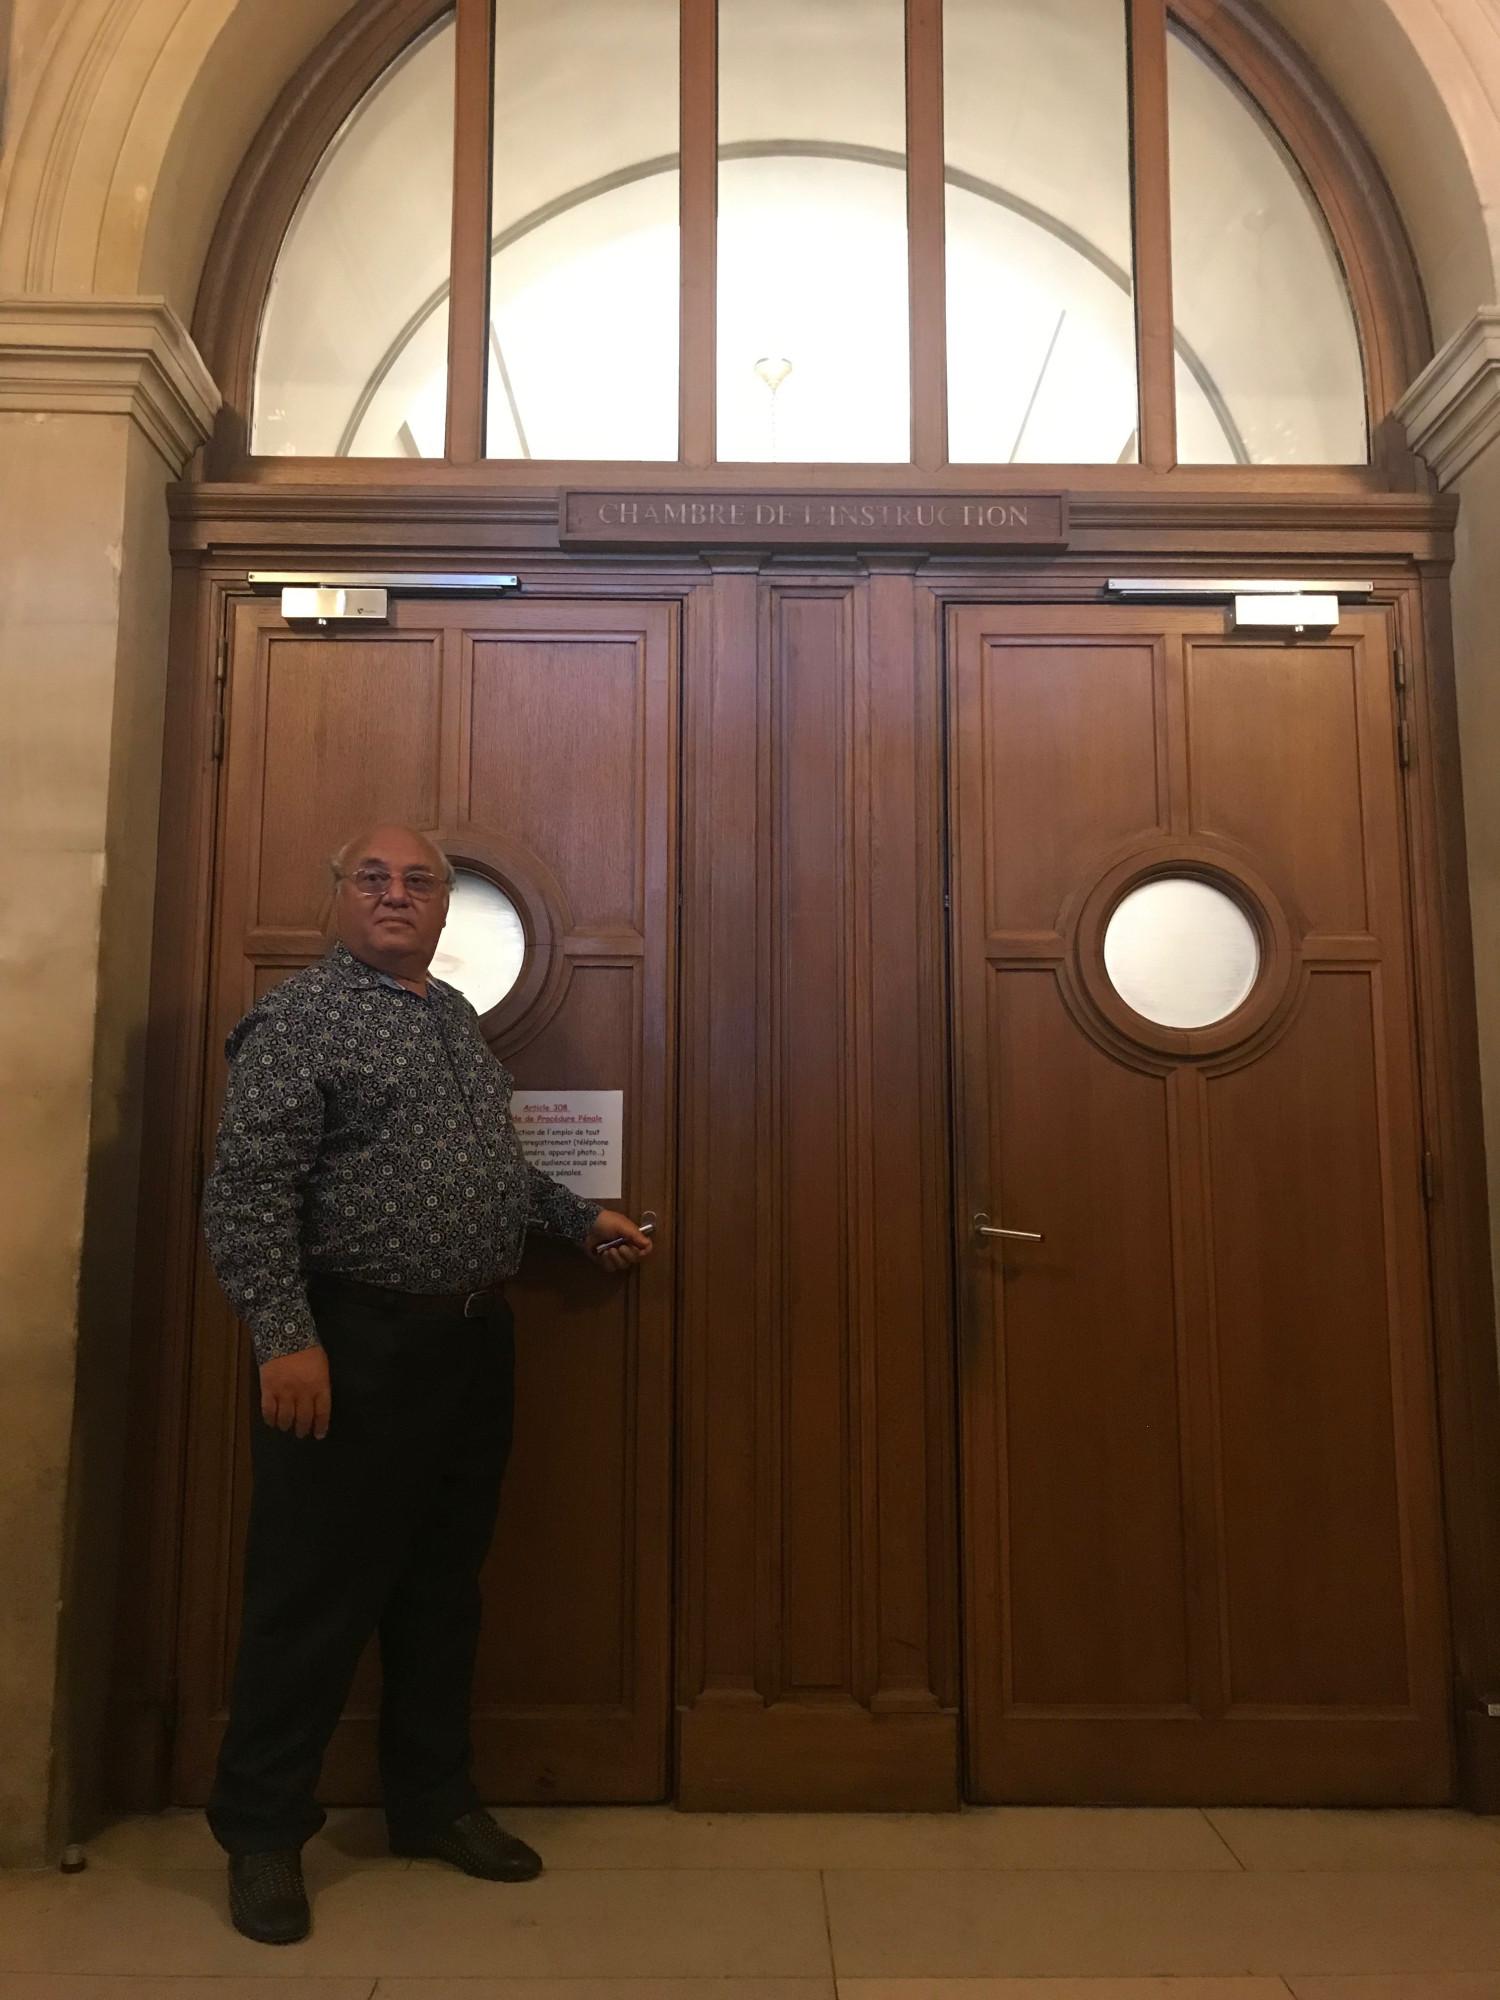 Перед входом в зал Парижского суда 2 октября 2019 г. Семь месяцев французского плена позади.